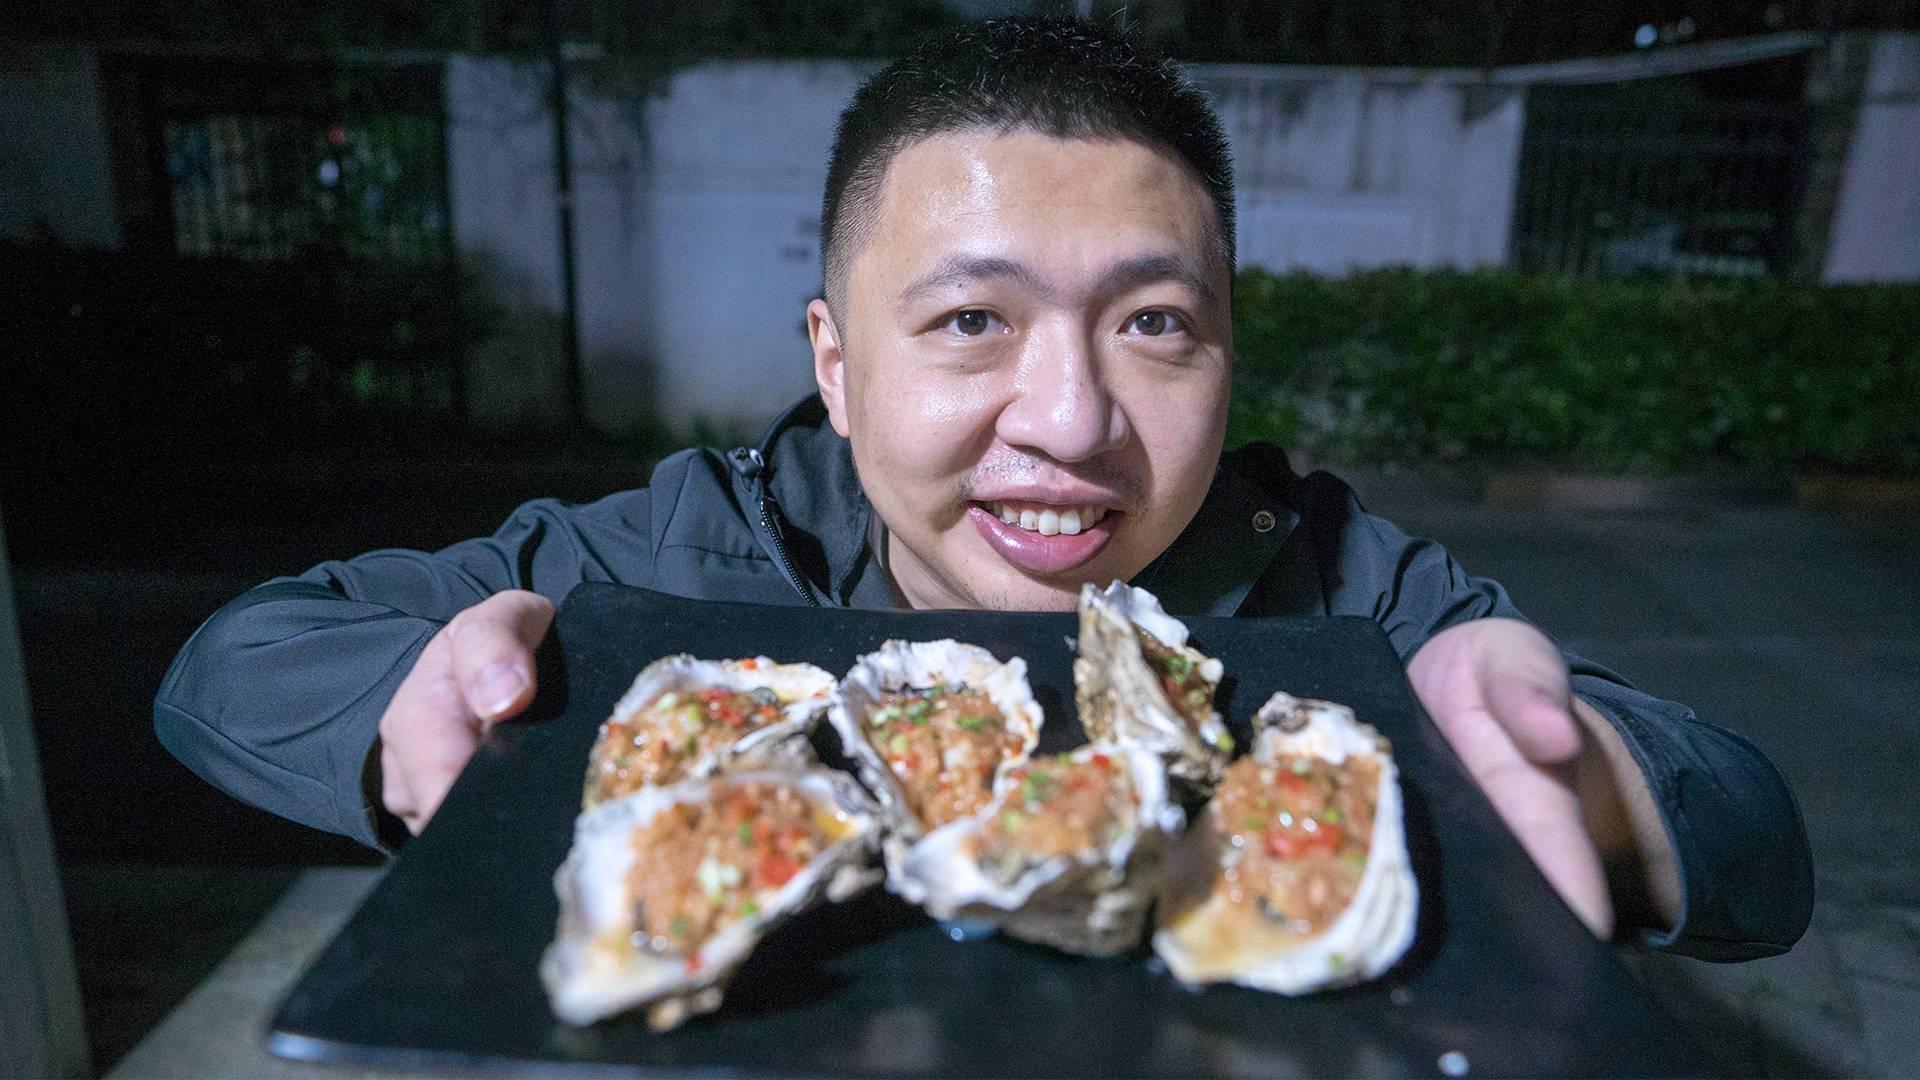 在武汉花200元买的特色烤串,竟然败给了路边10块钱的生蚝?